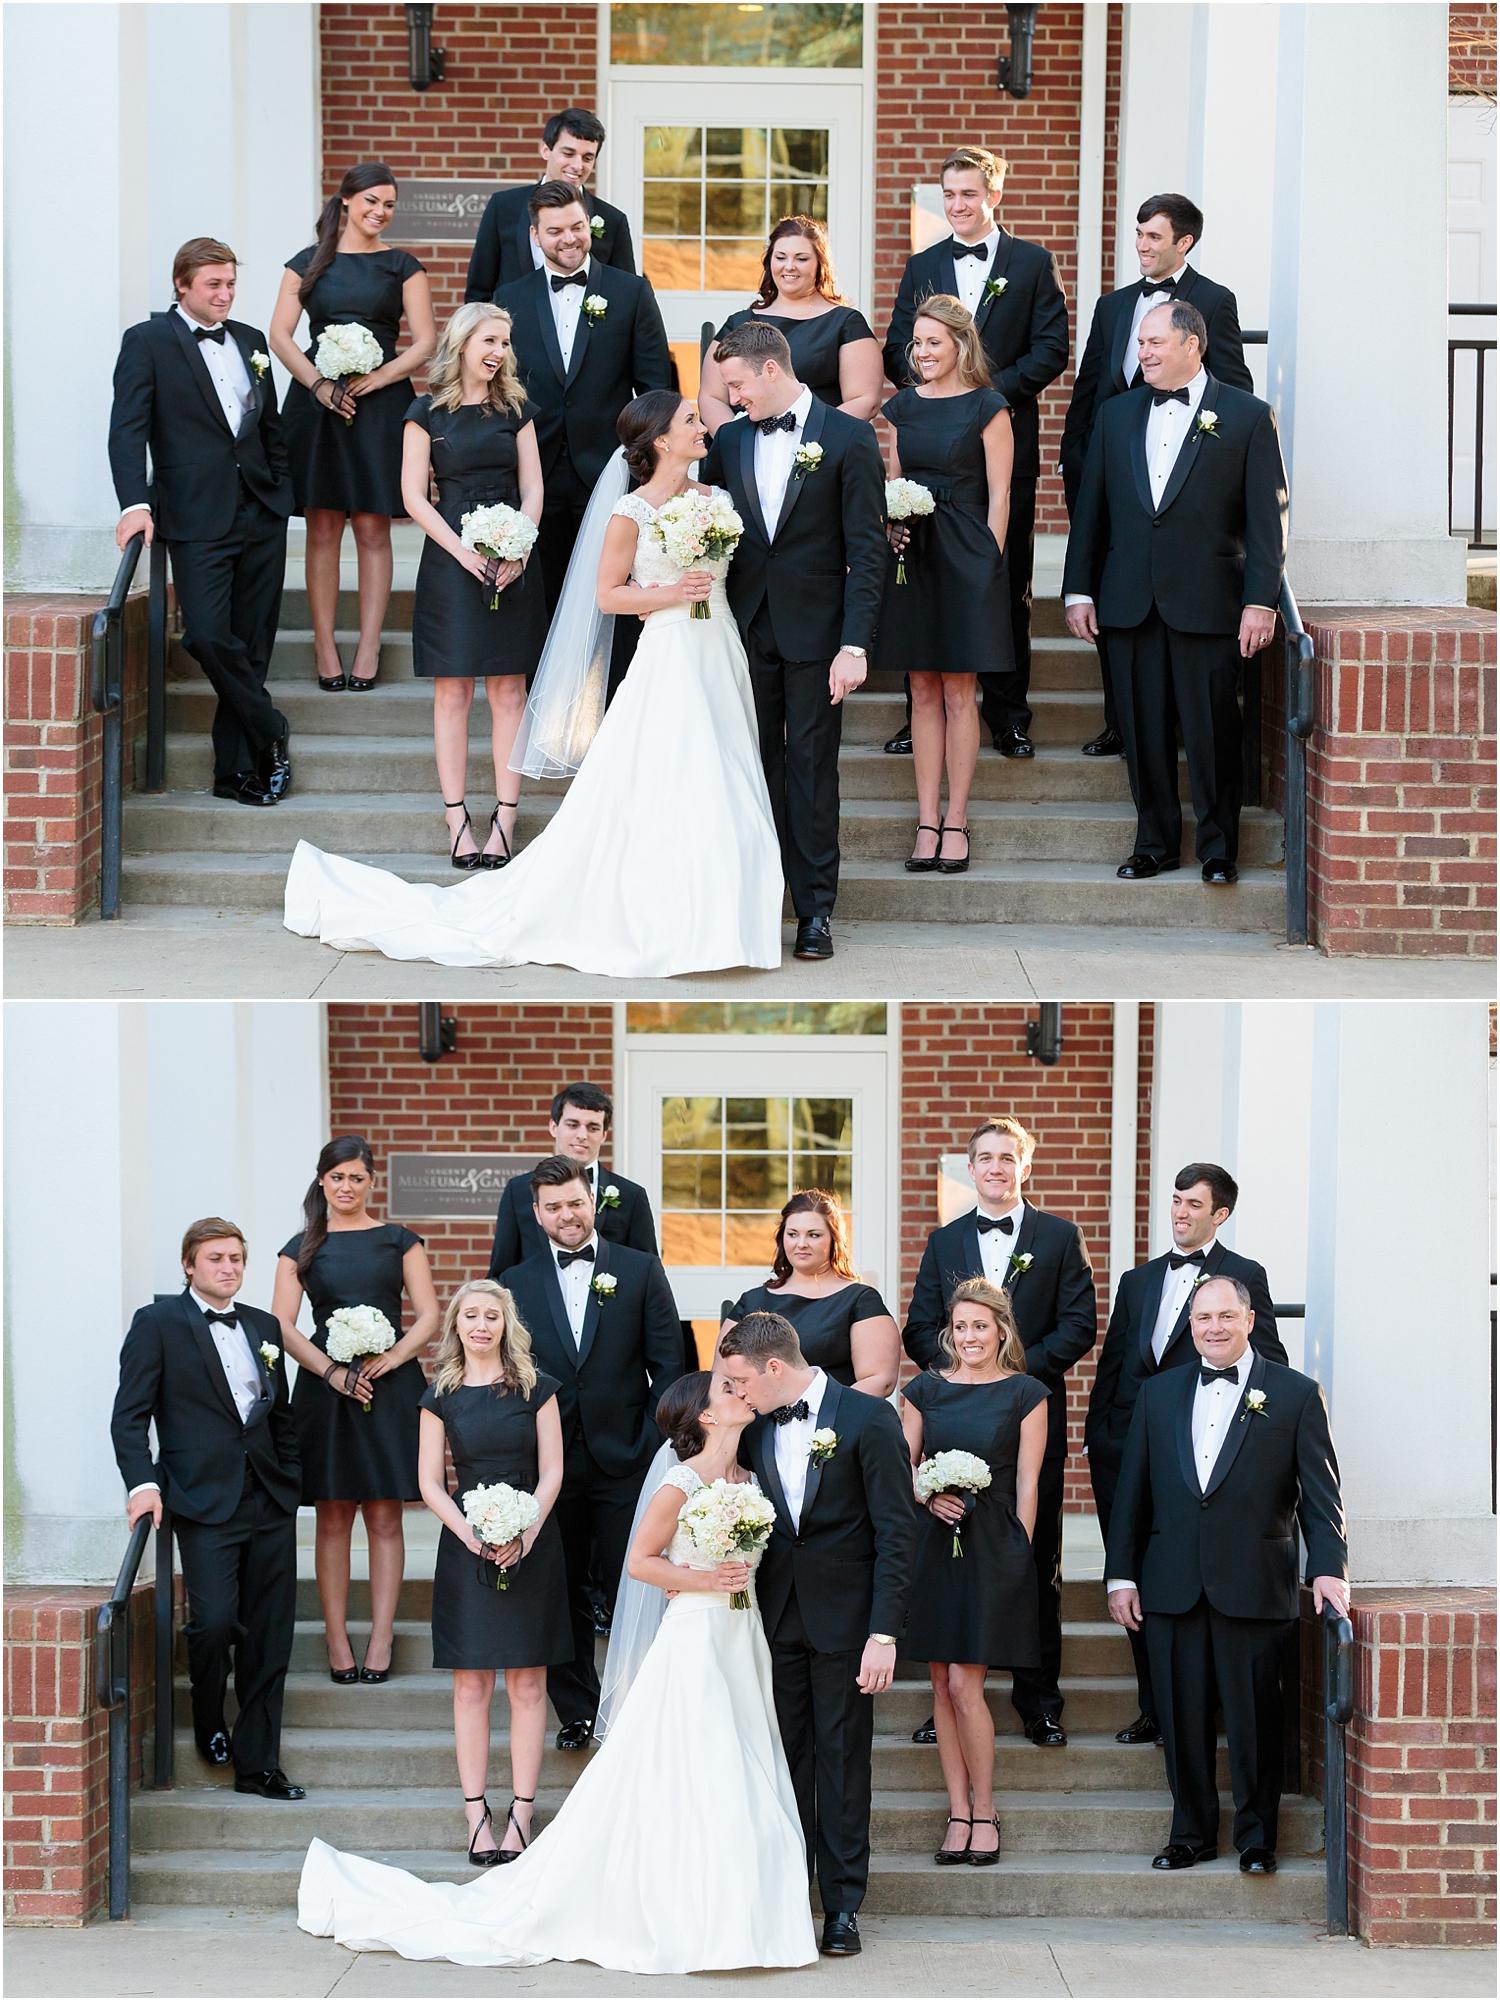 Bridal Party,To Color,bride,greenville wedding,groom,outdoor wedding,wedding,wedding photography,